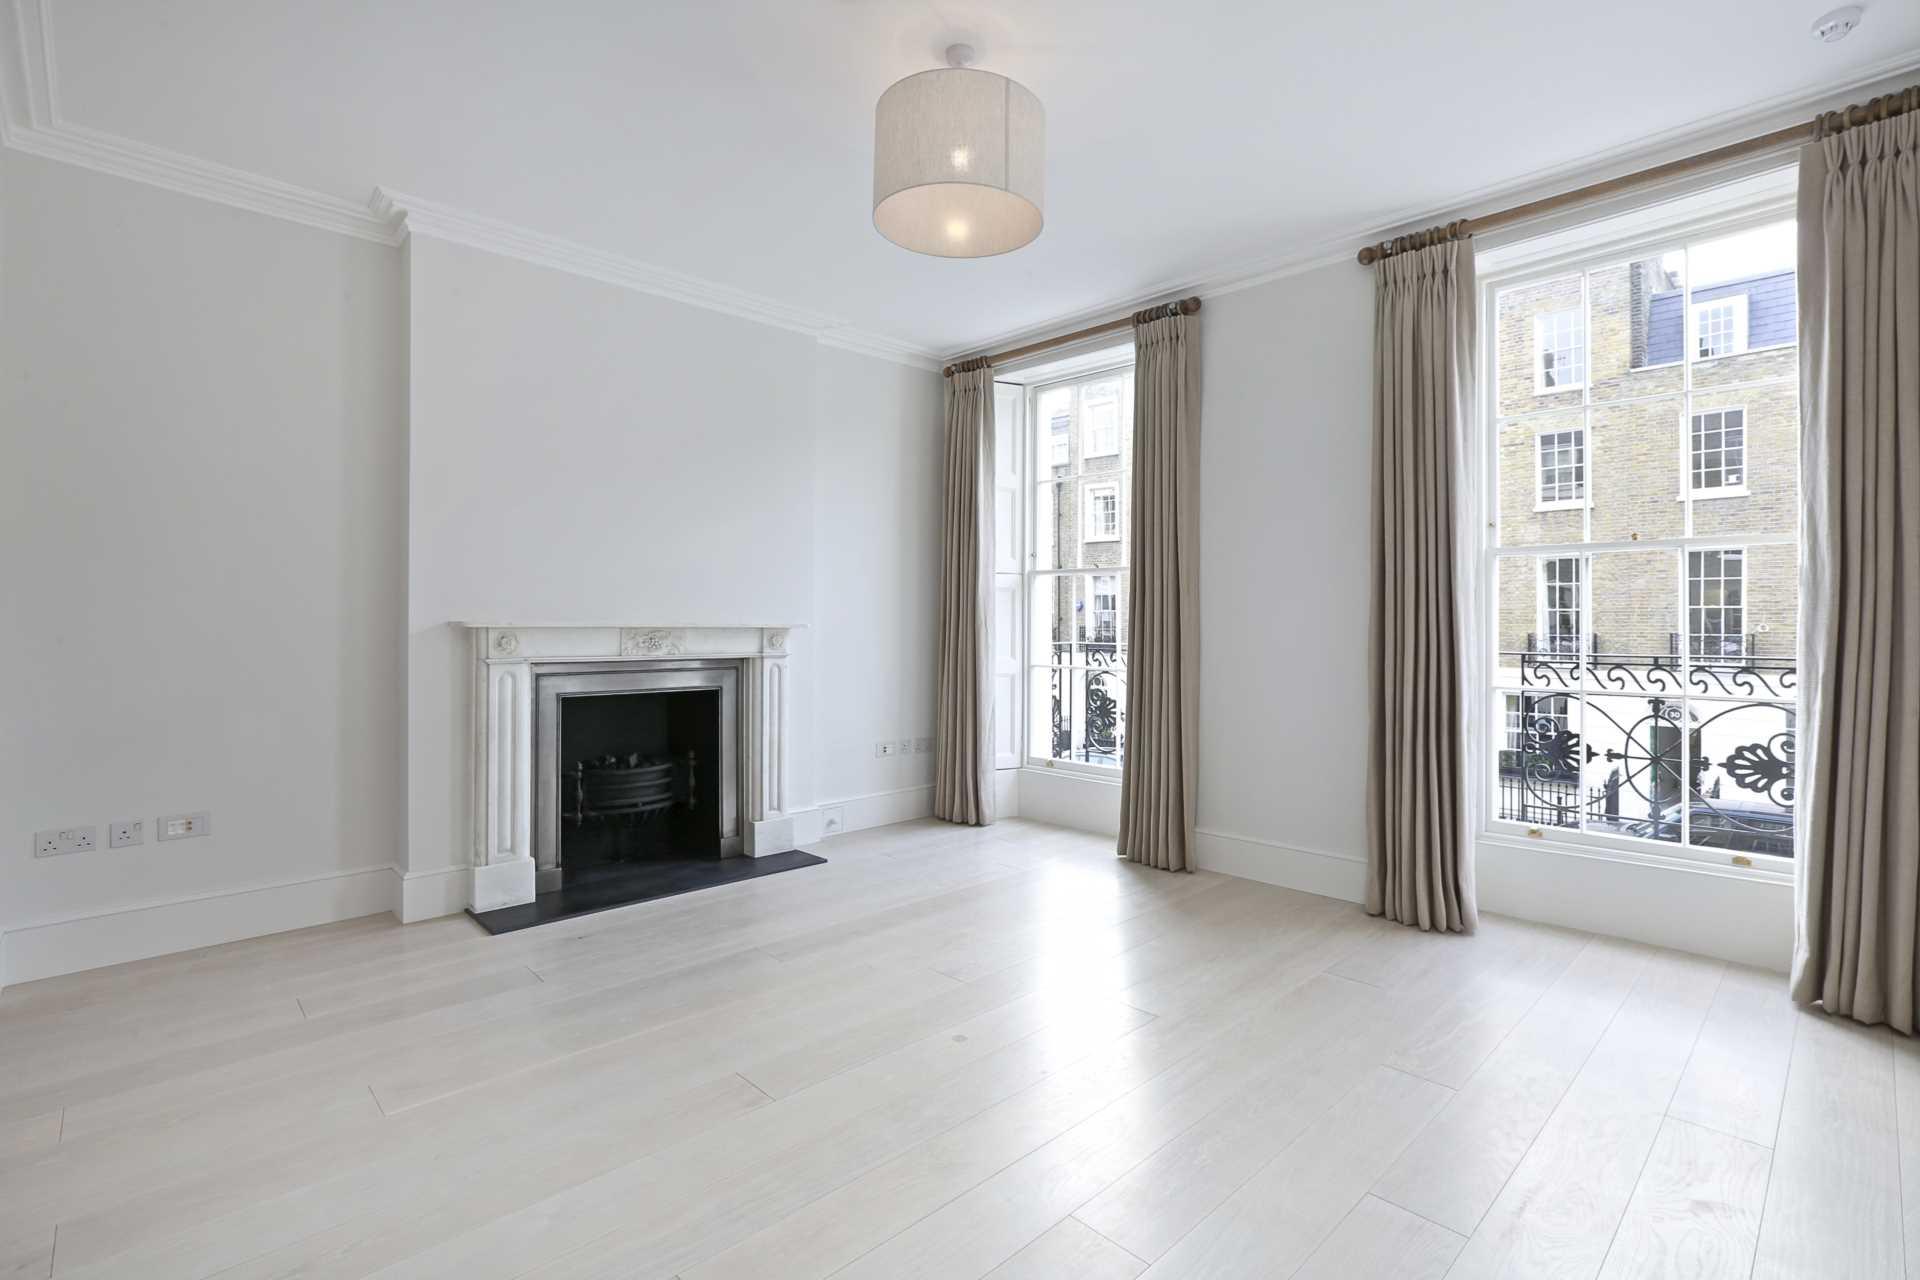 Eaton Terrace, London, Image 3